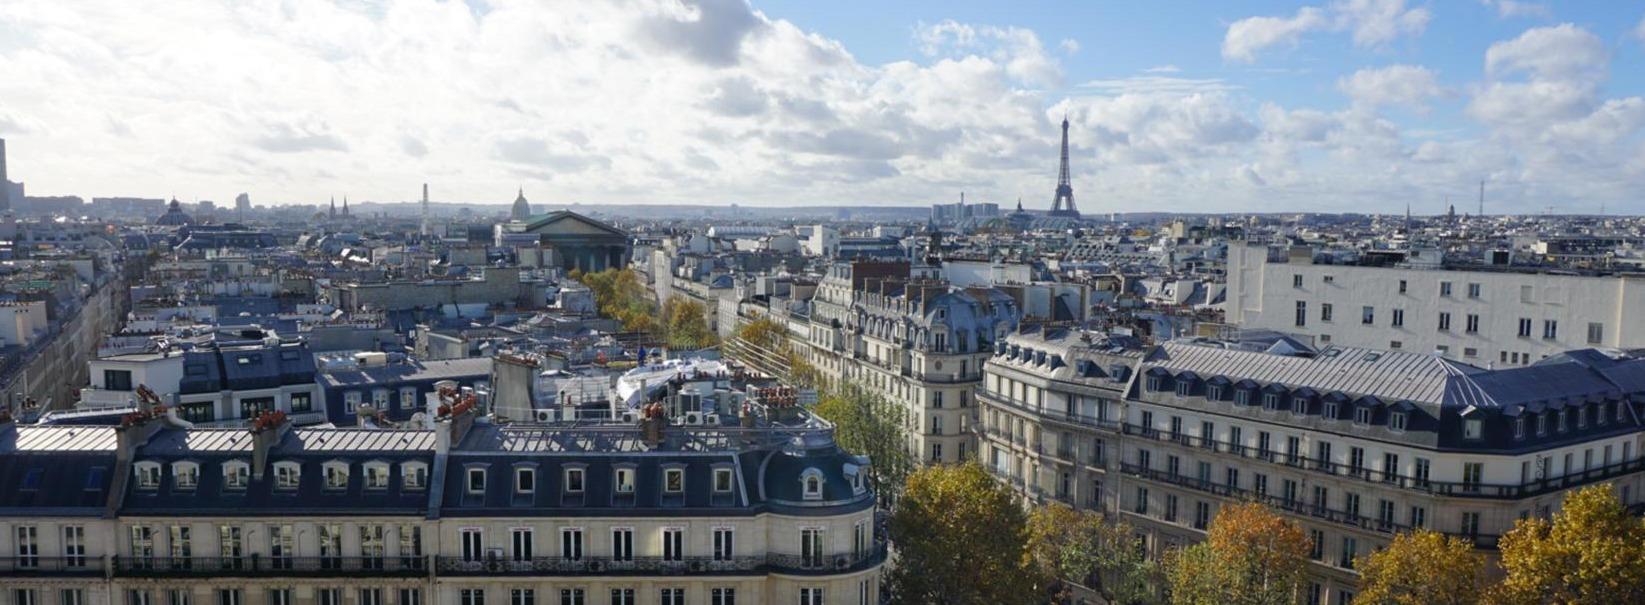 تور پاریس.amordadtour.ir